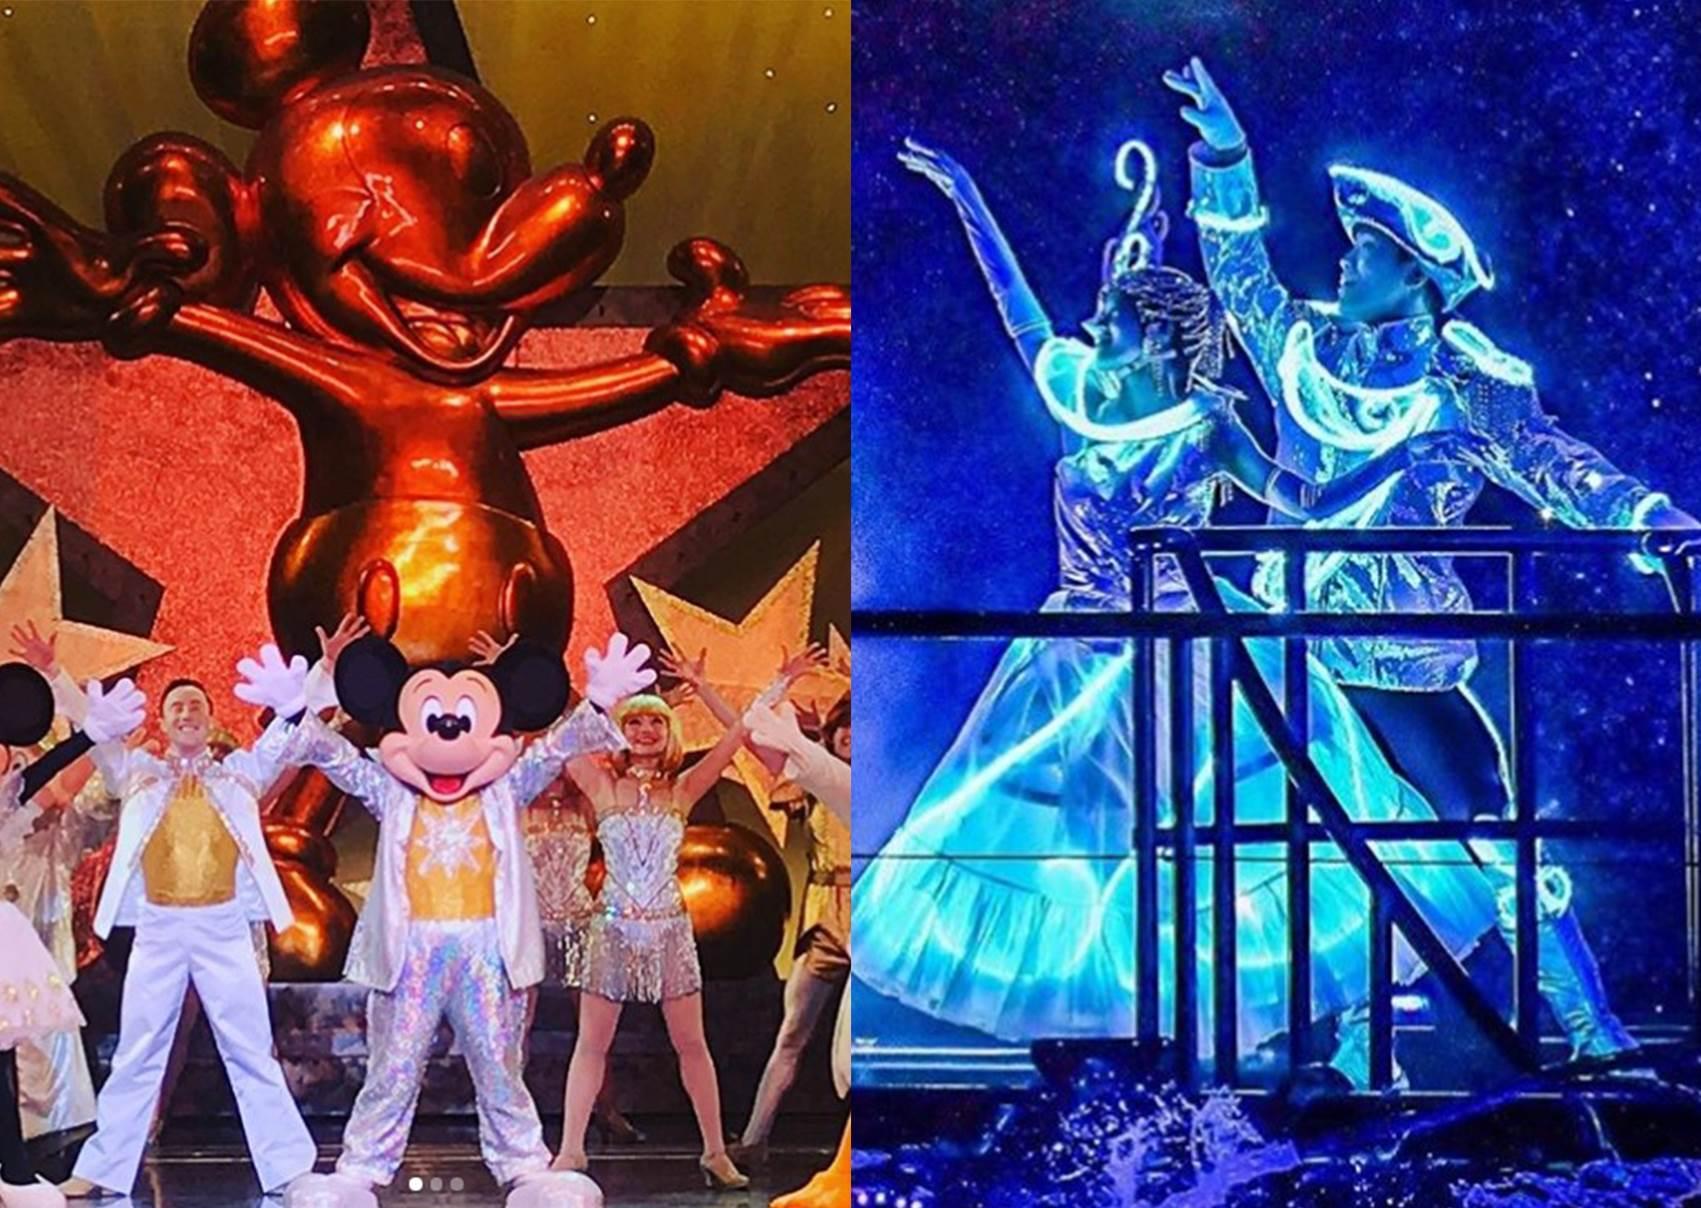 明年3月就看不到了?東京迪士尼「經典夜間表演Fantasmic!」即將結束,再不衝只能成回憶啦!